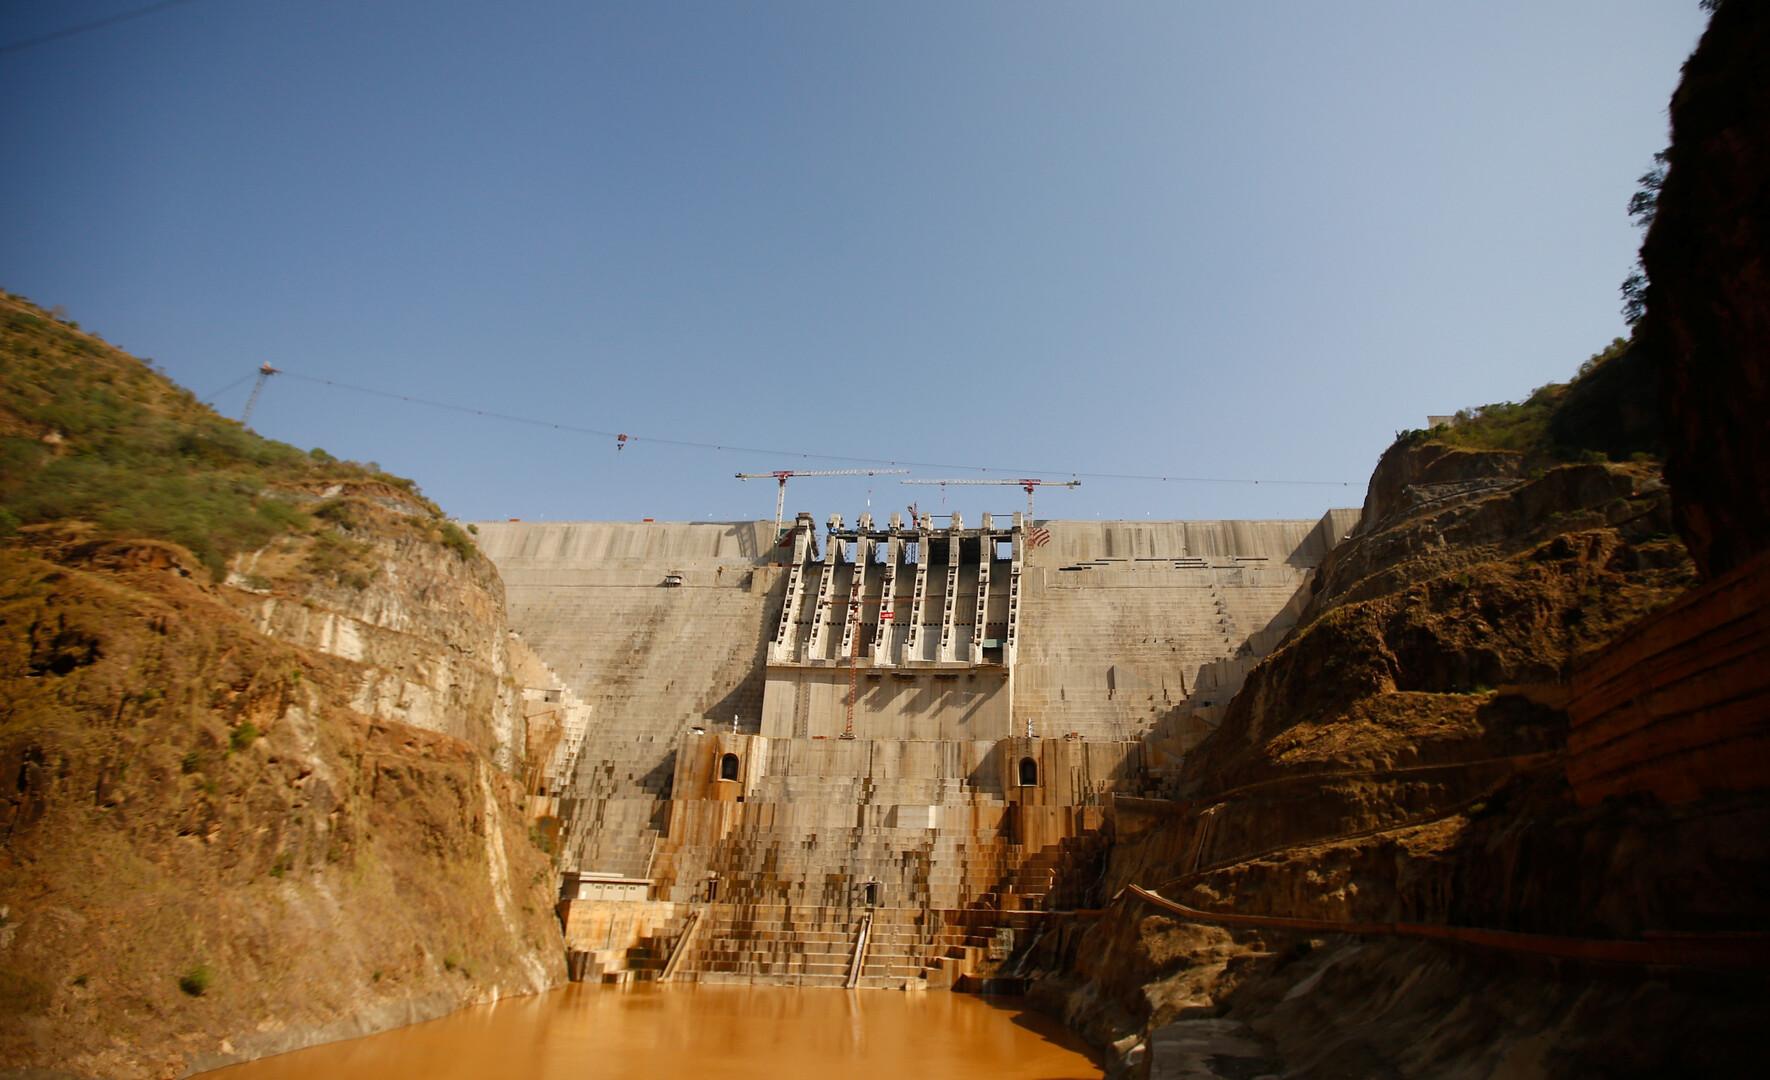 بعد رفض اقتراح مصر.. إثيوبيا تعلن اكتمال أعمال بناء سد النهضة بنسبة 68.3%